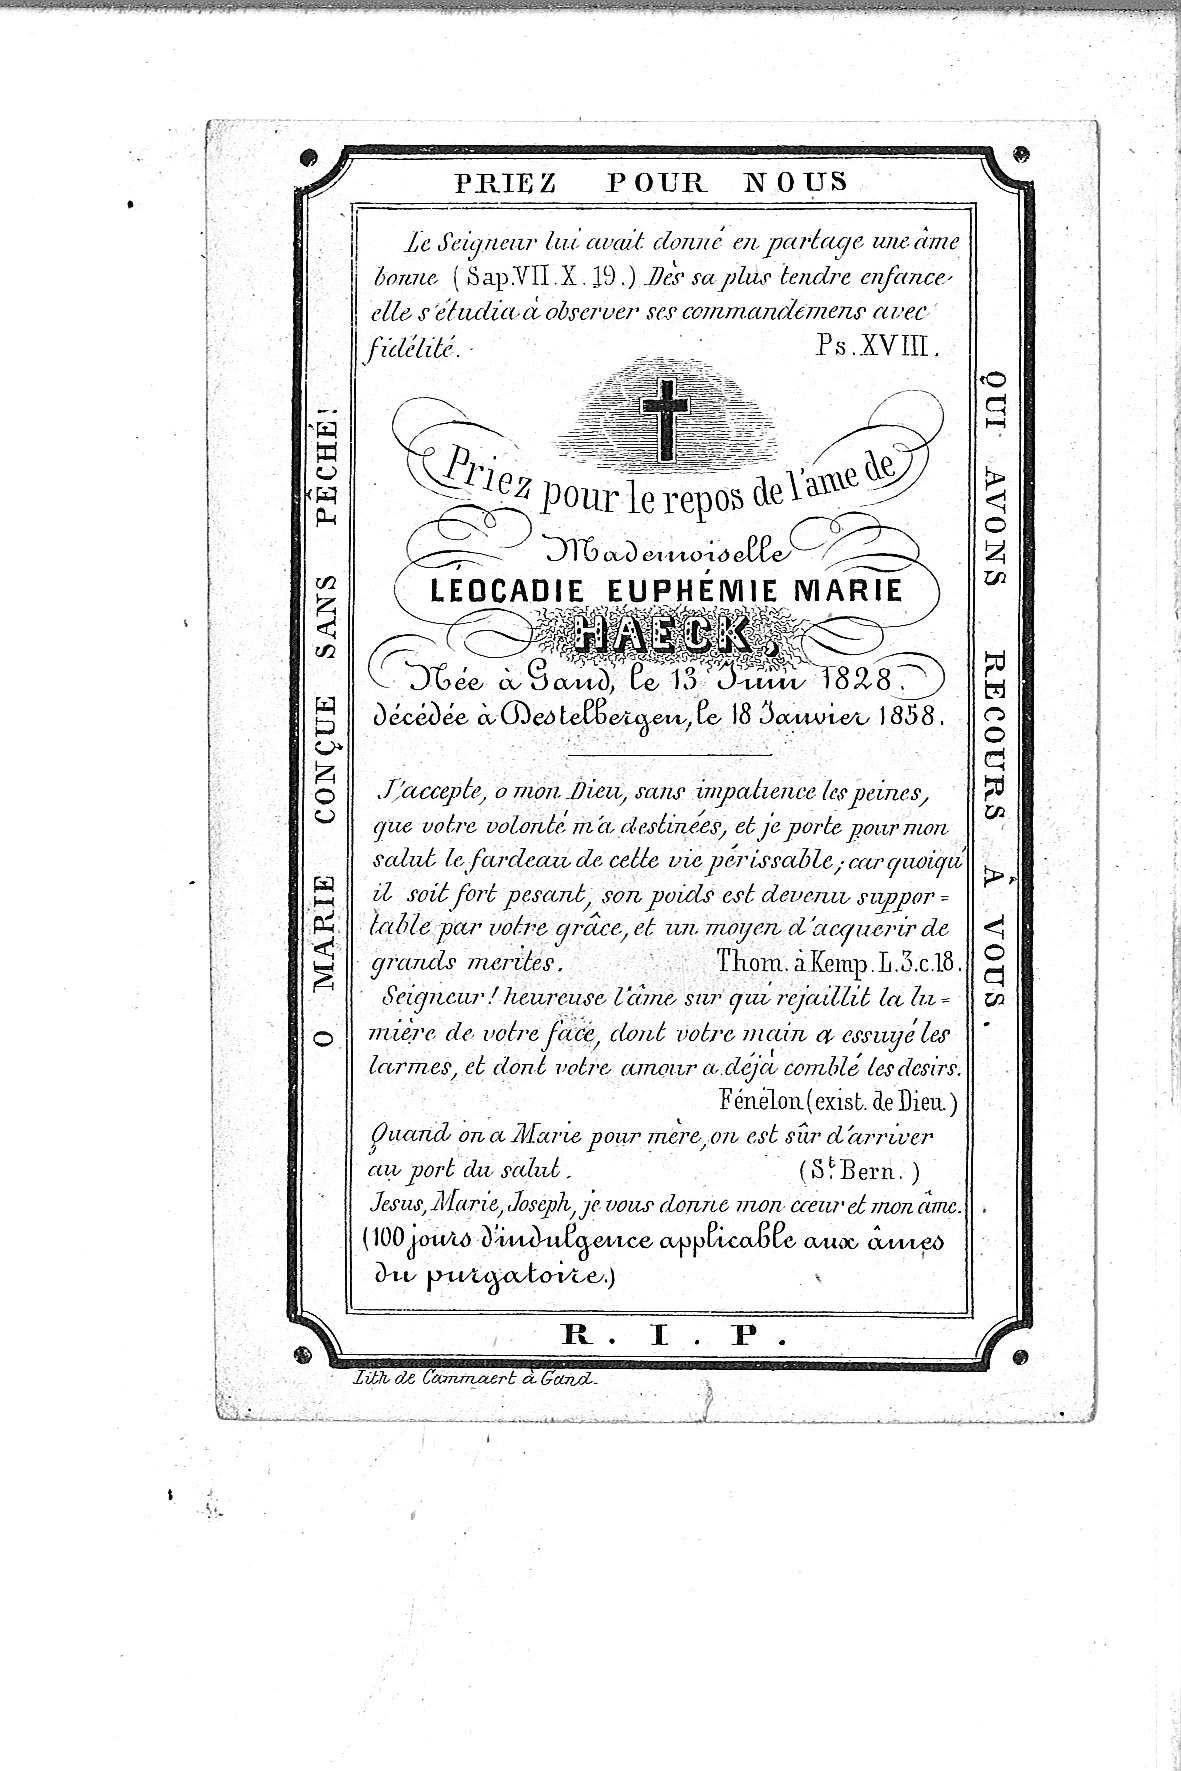 Léocadie-Euphémie-Marie-(1858)-20121011164607_00010.jpg